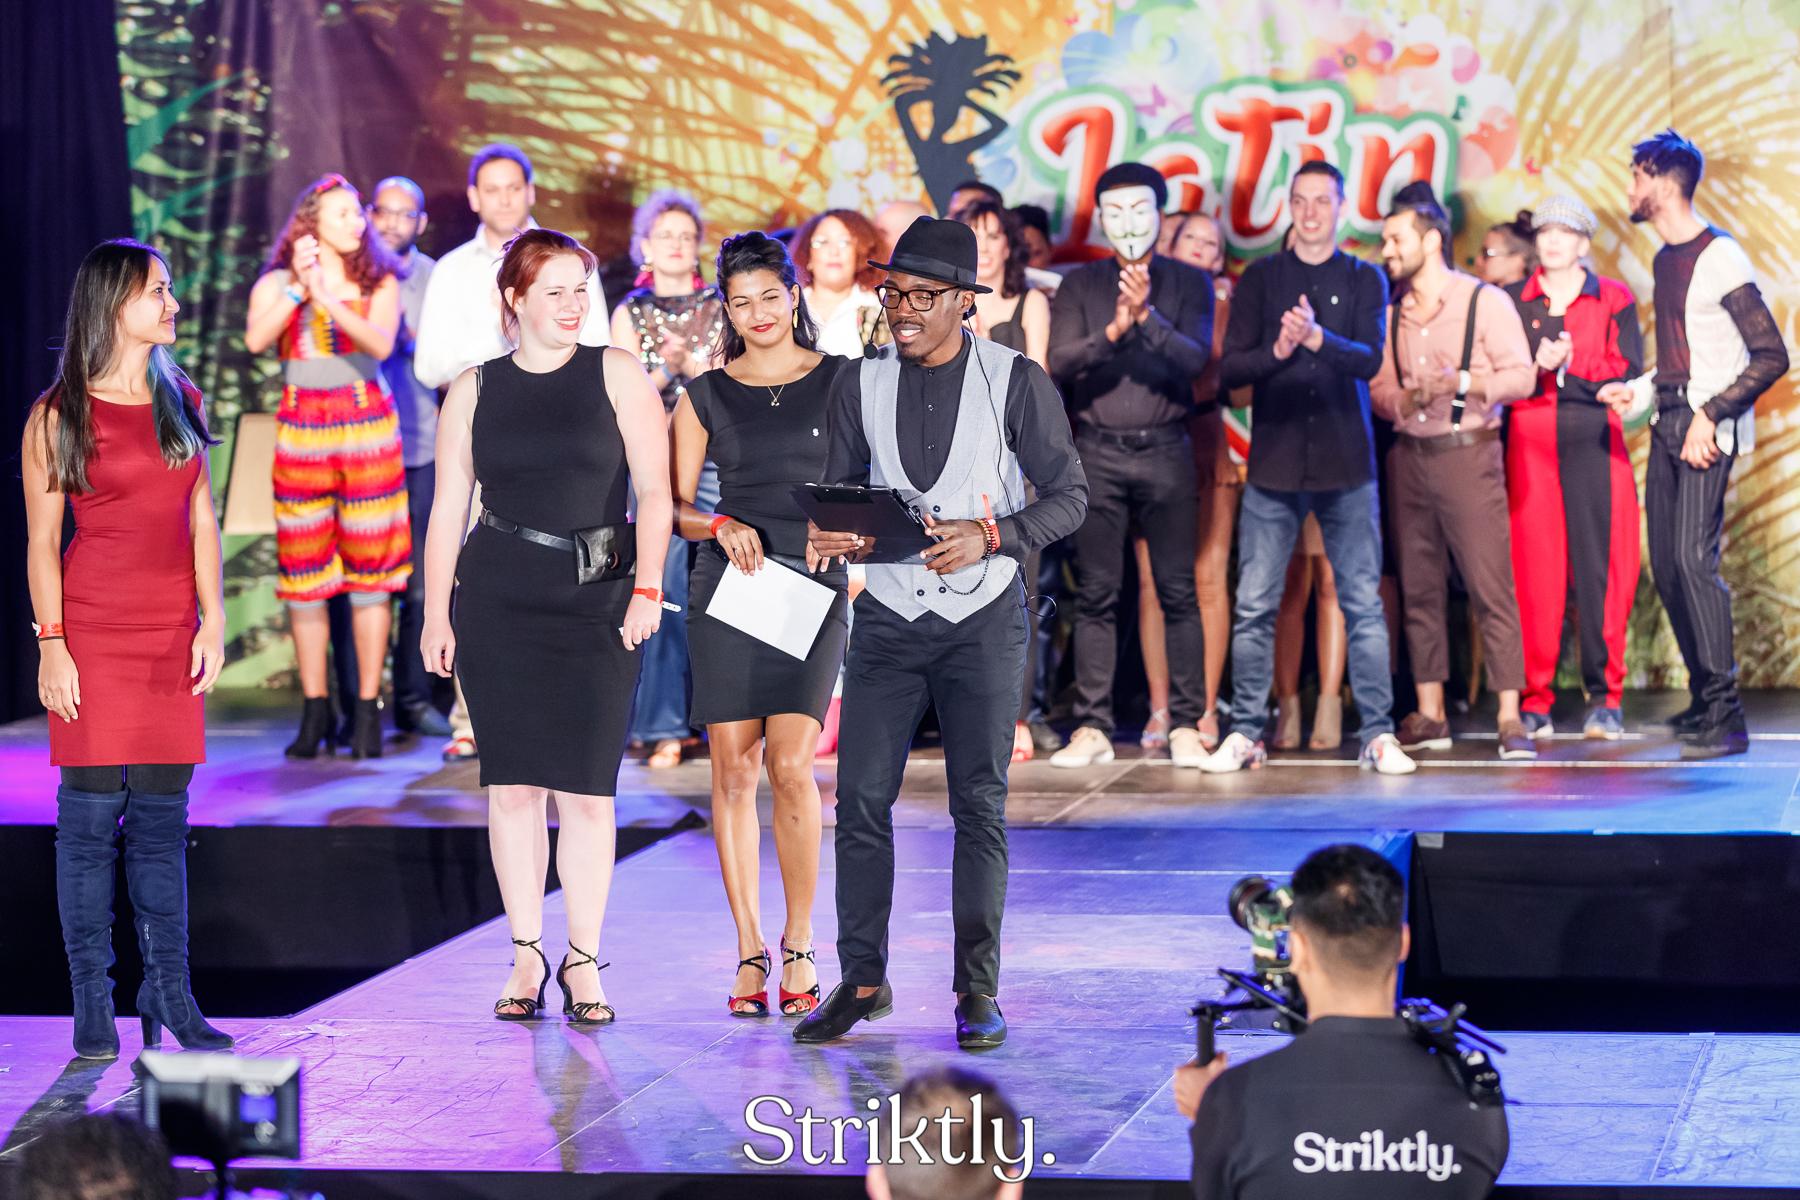 Striktly Danceable Fashion Contest - winner